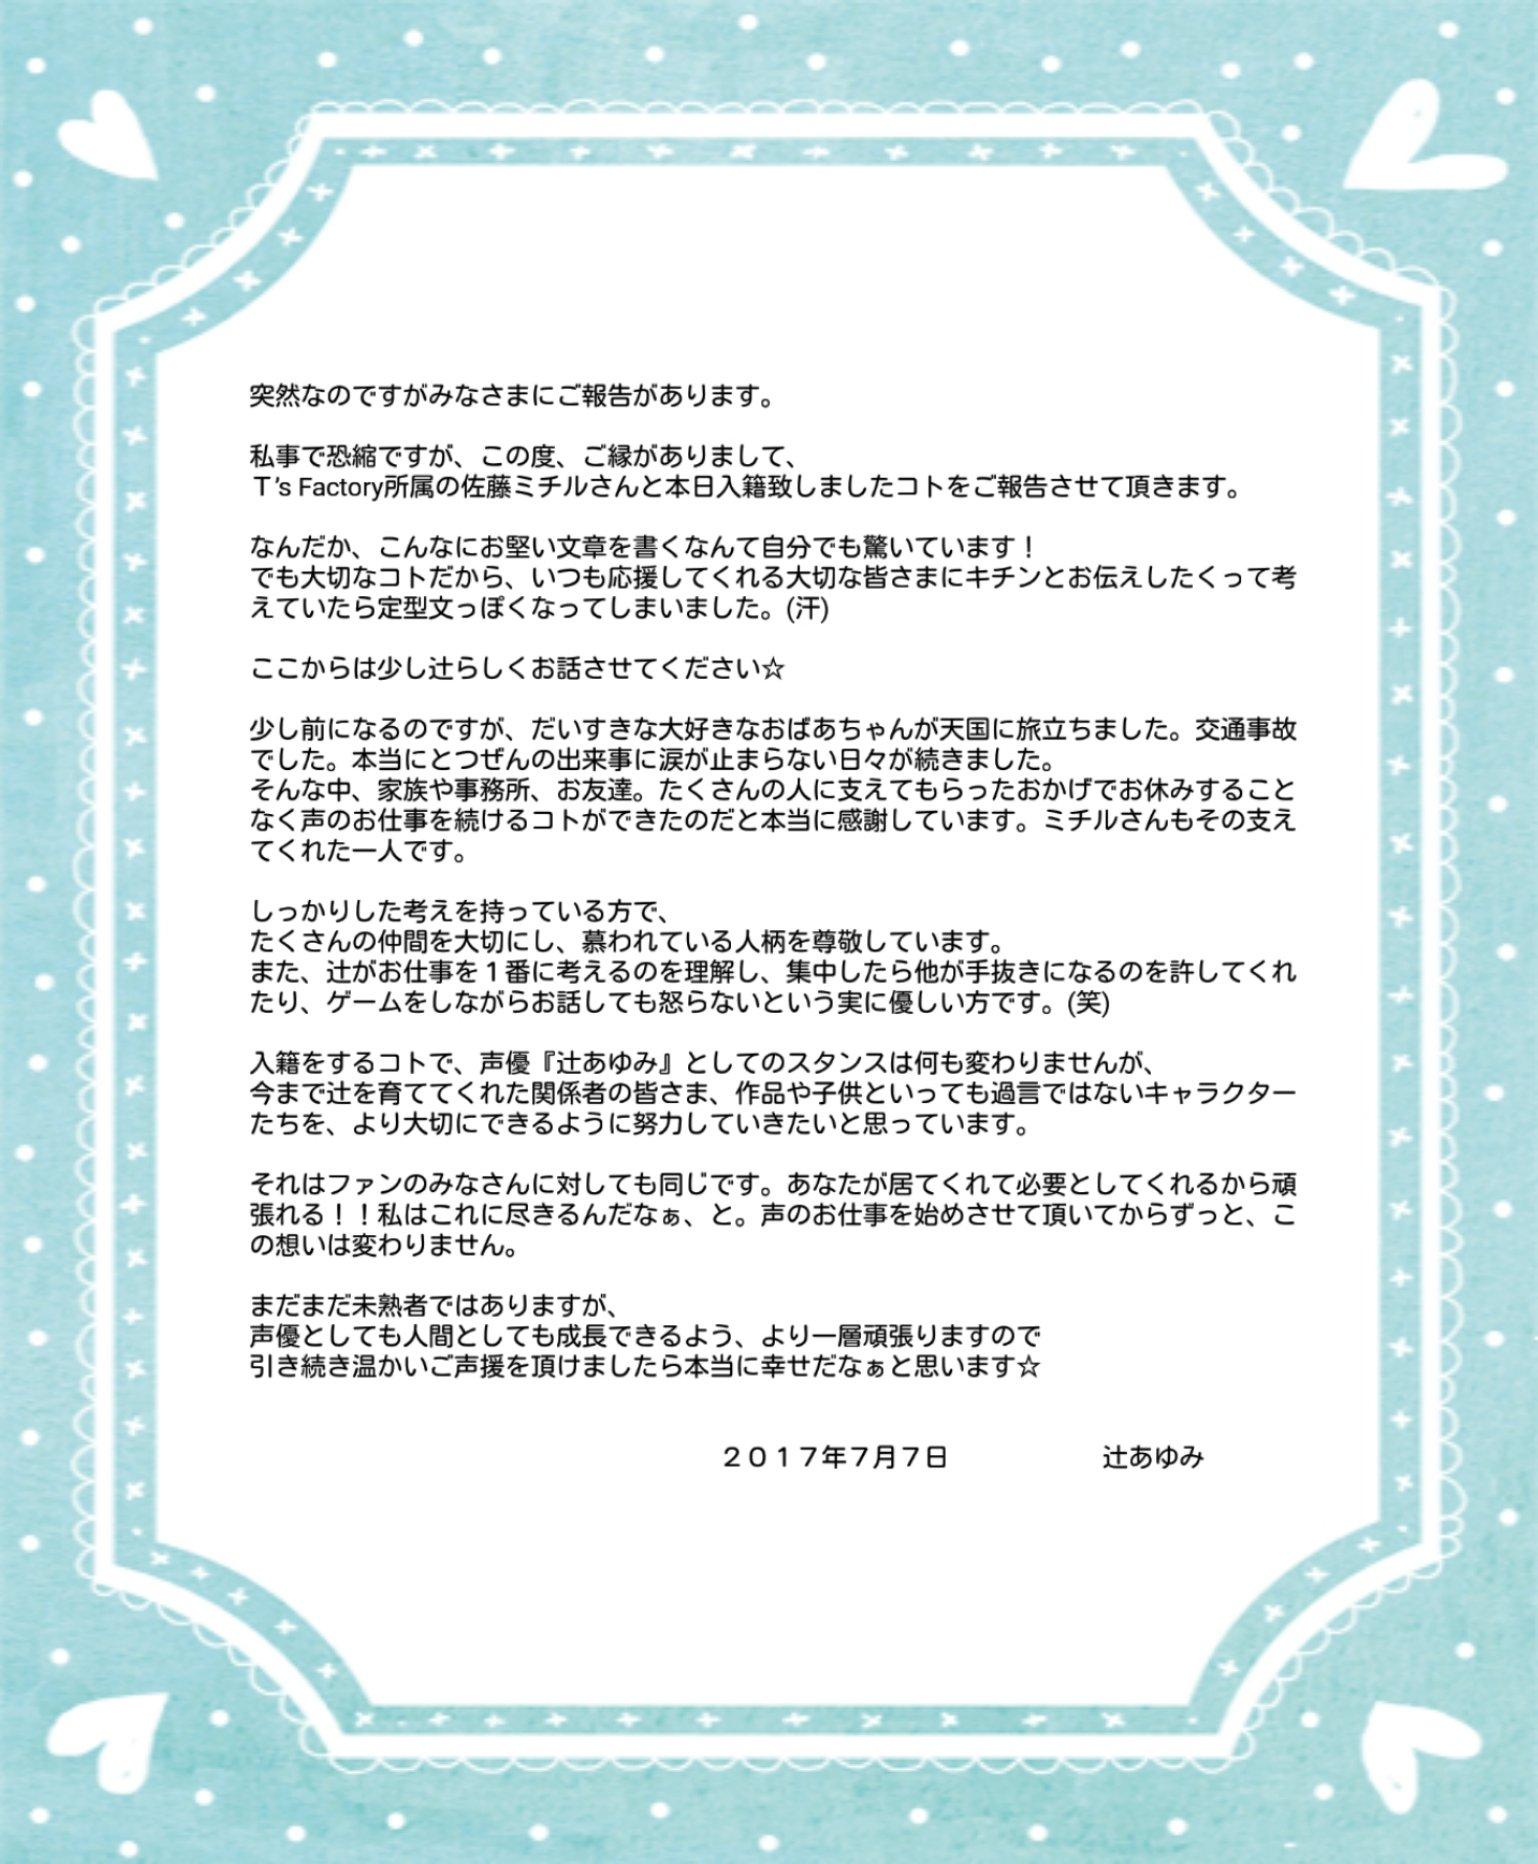 성우 츠지 아유미, 성우 사토 미치루와 결혼했다는 ..